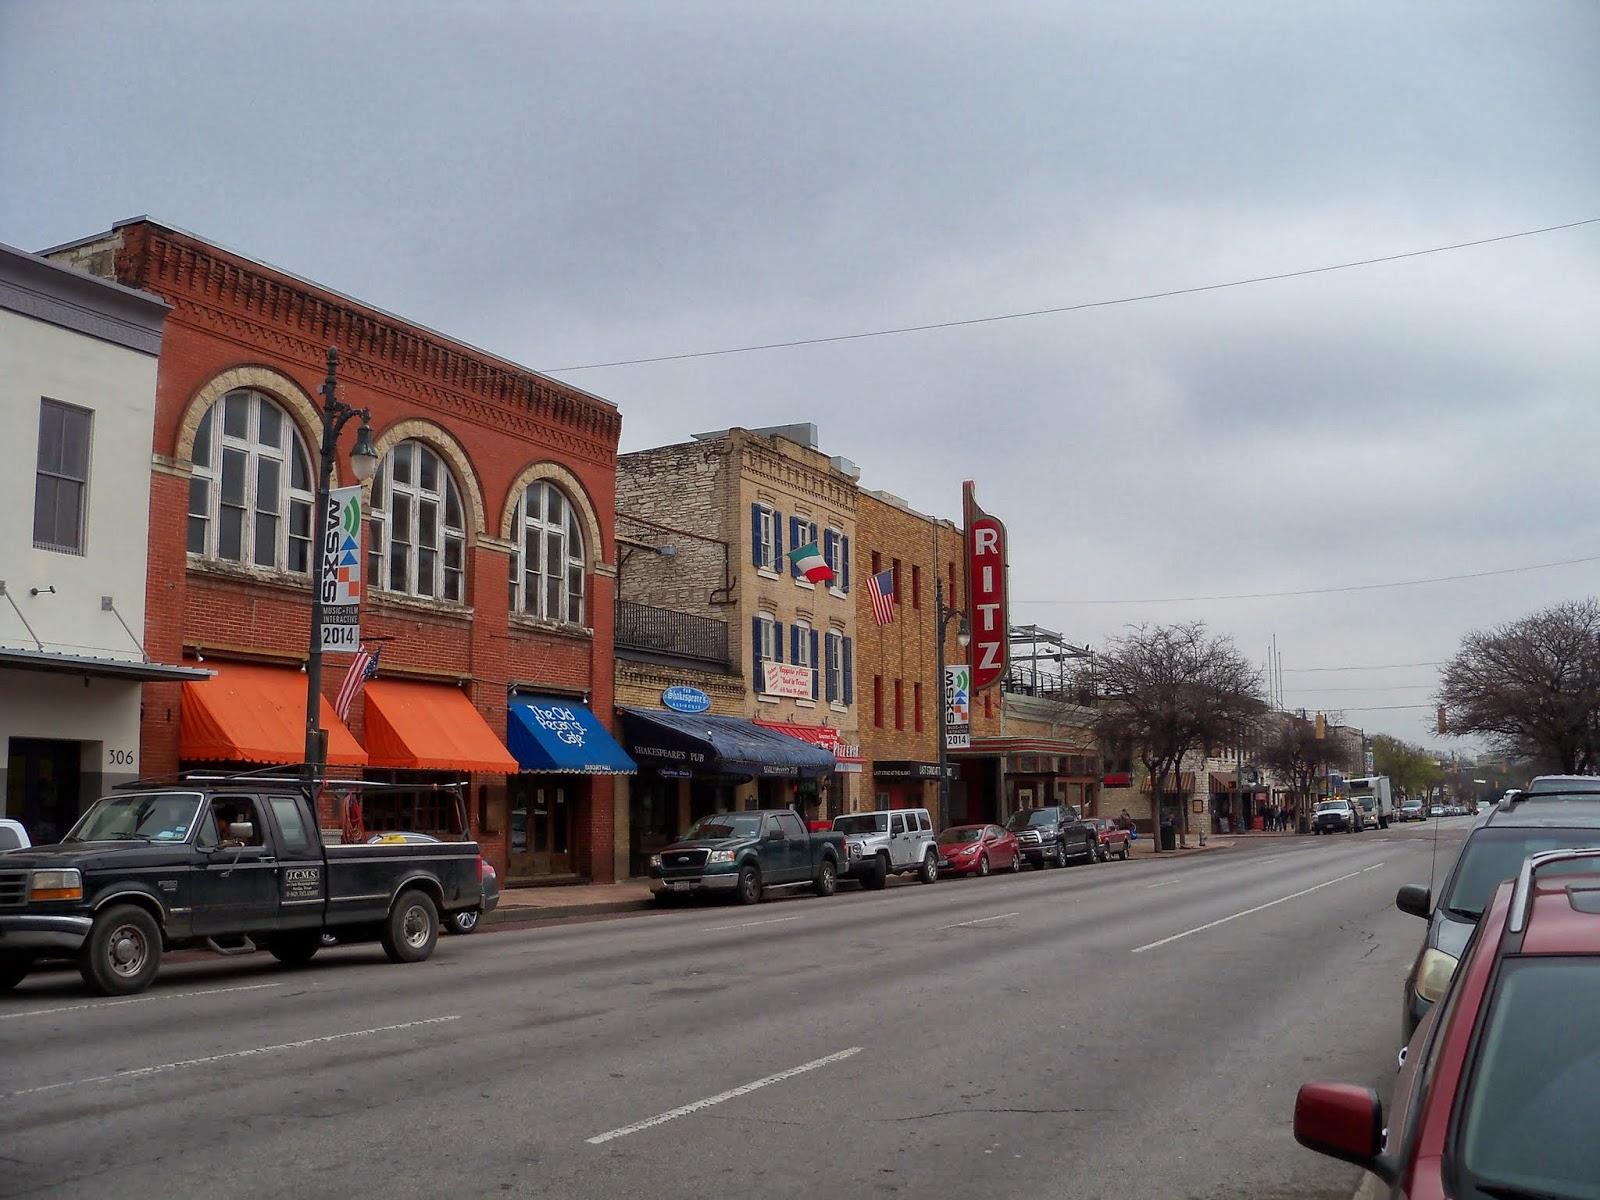 Austin, Texas for SXSWedu - 116_0903.JPG